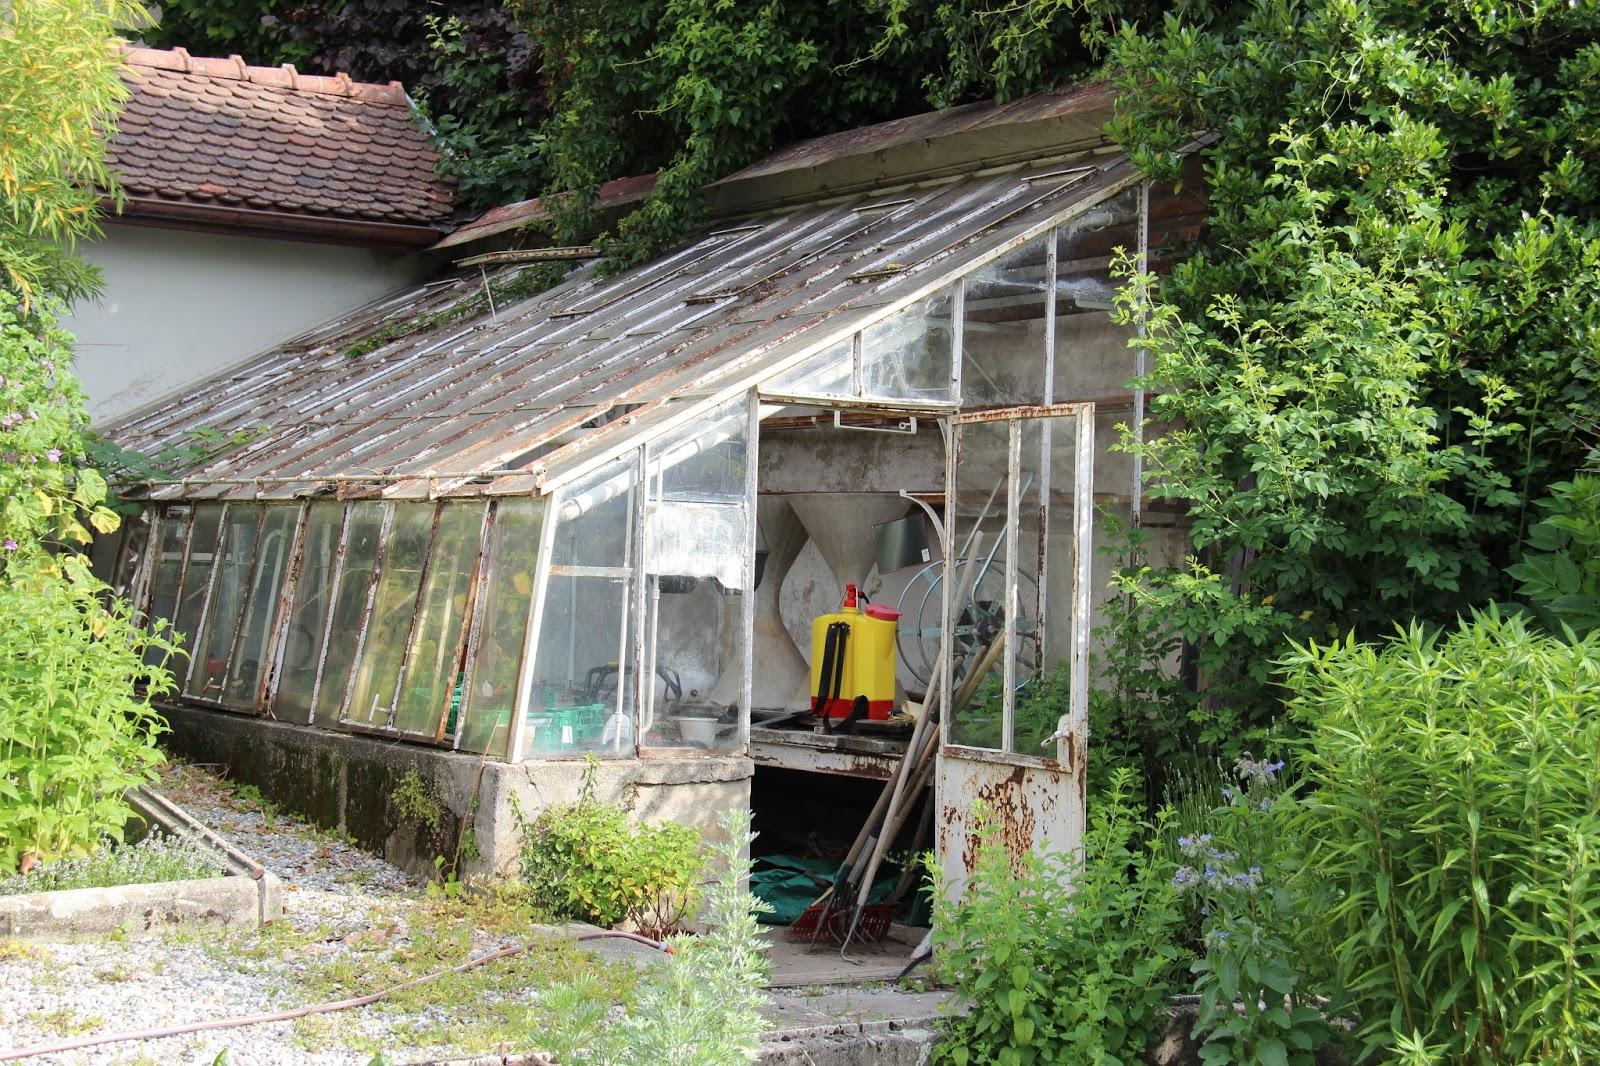 Bilder vom Lac Leman   Home and Garden